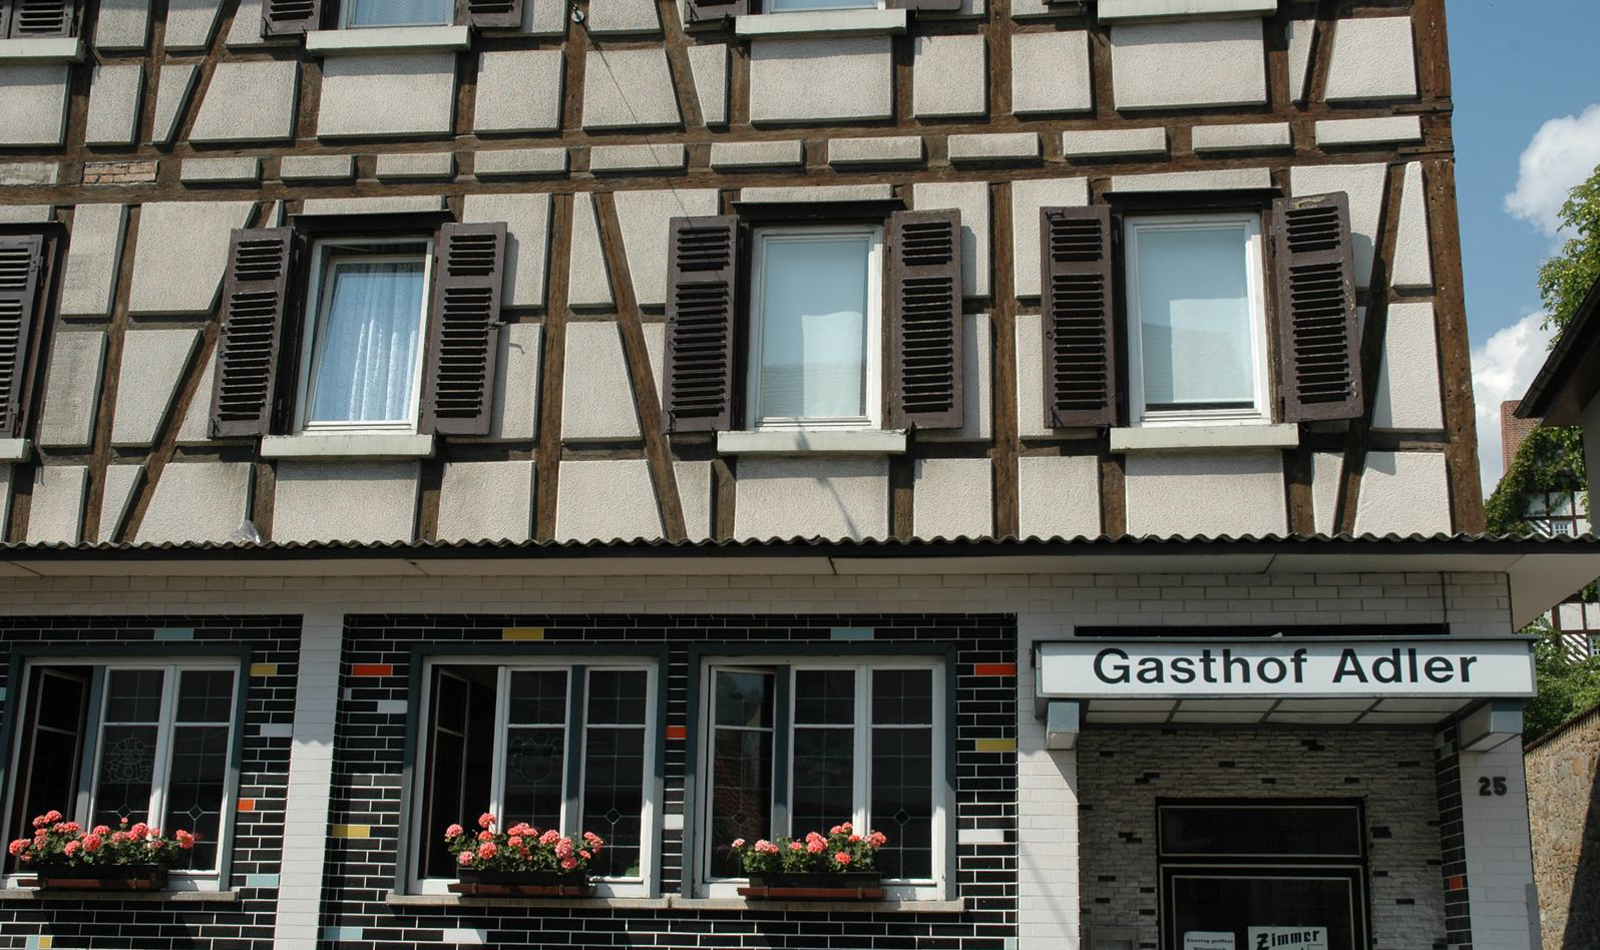 Gasthof Adler Hotel Garni Stuttgart